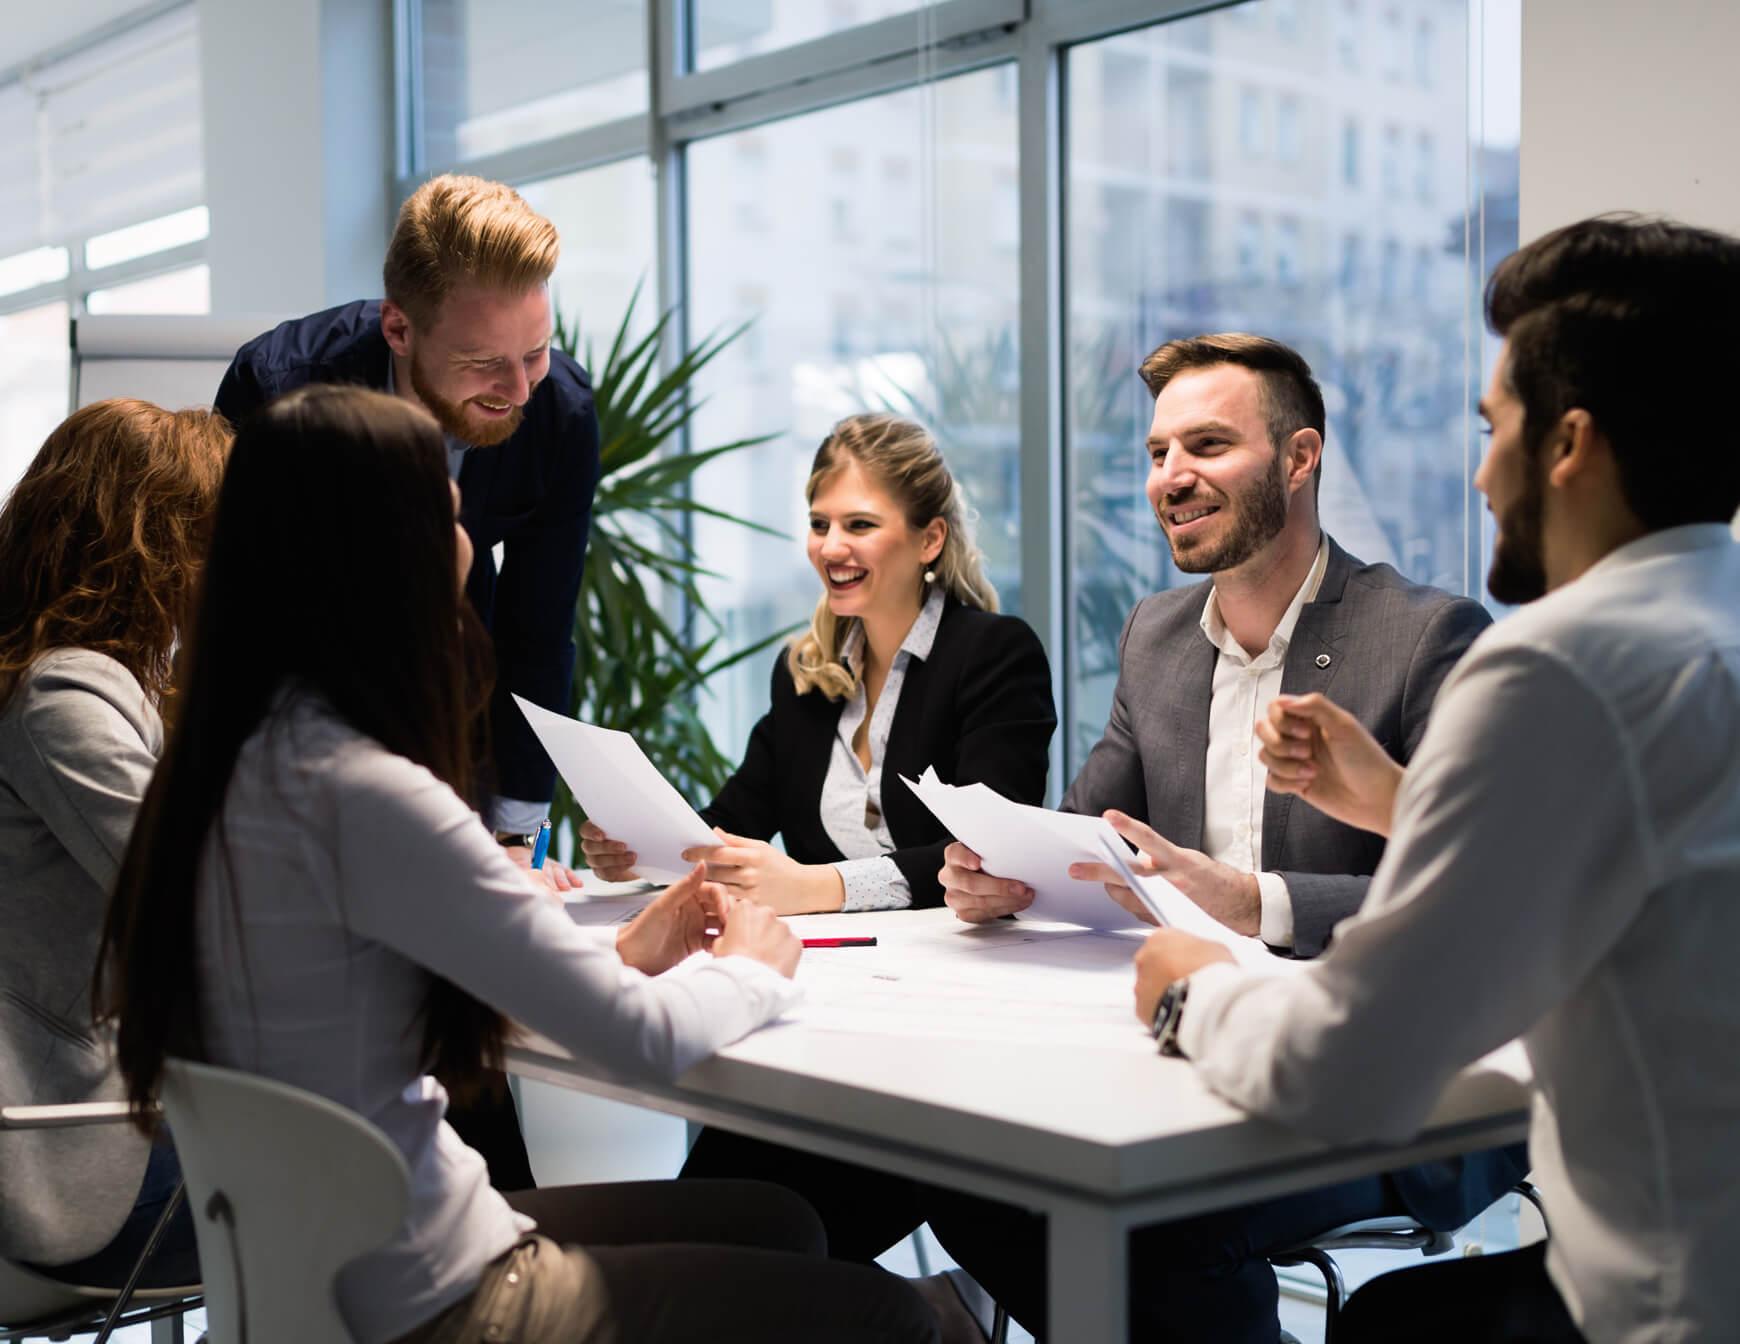 تعزيز عملك وتجربة العملاء مع Avast